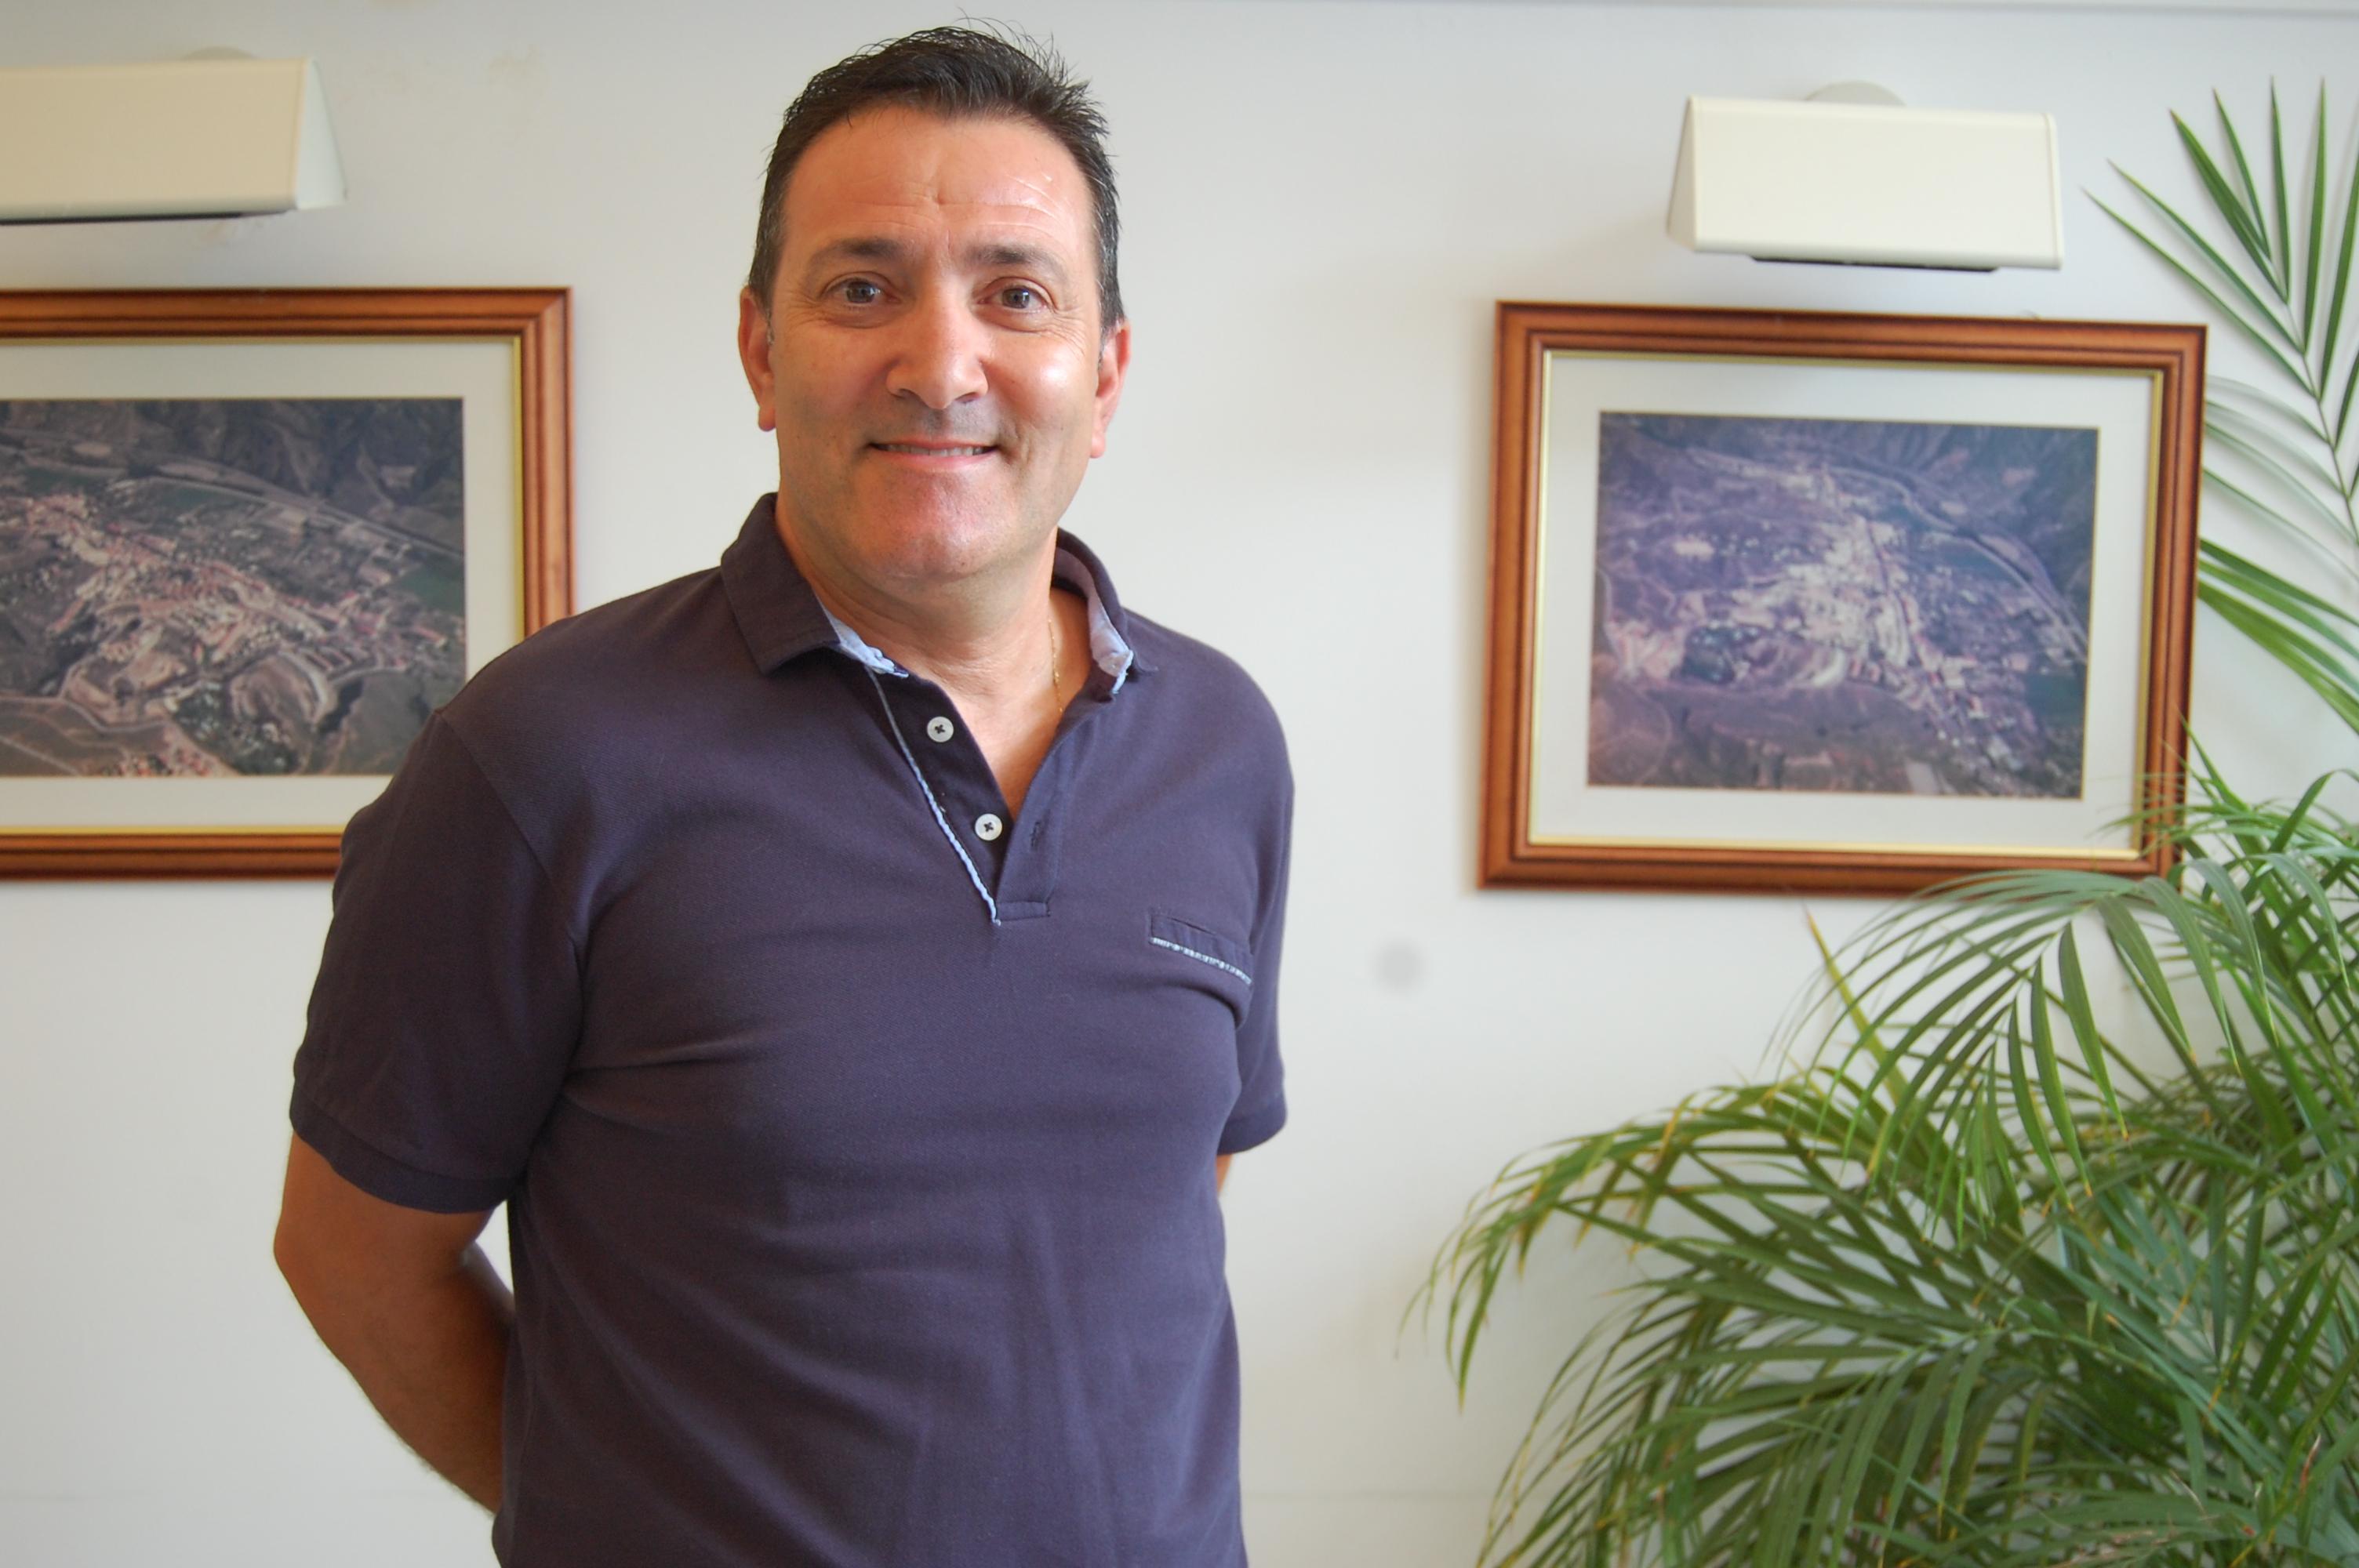 Eustasio Miguel Gómez Ladrón de Guevara | Concejalía de Deportes, Medio Ambiente y Asociaciones | Cenes de la Vega